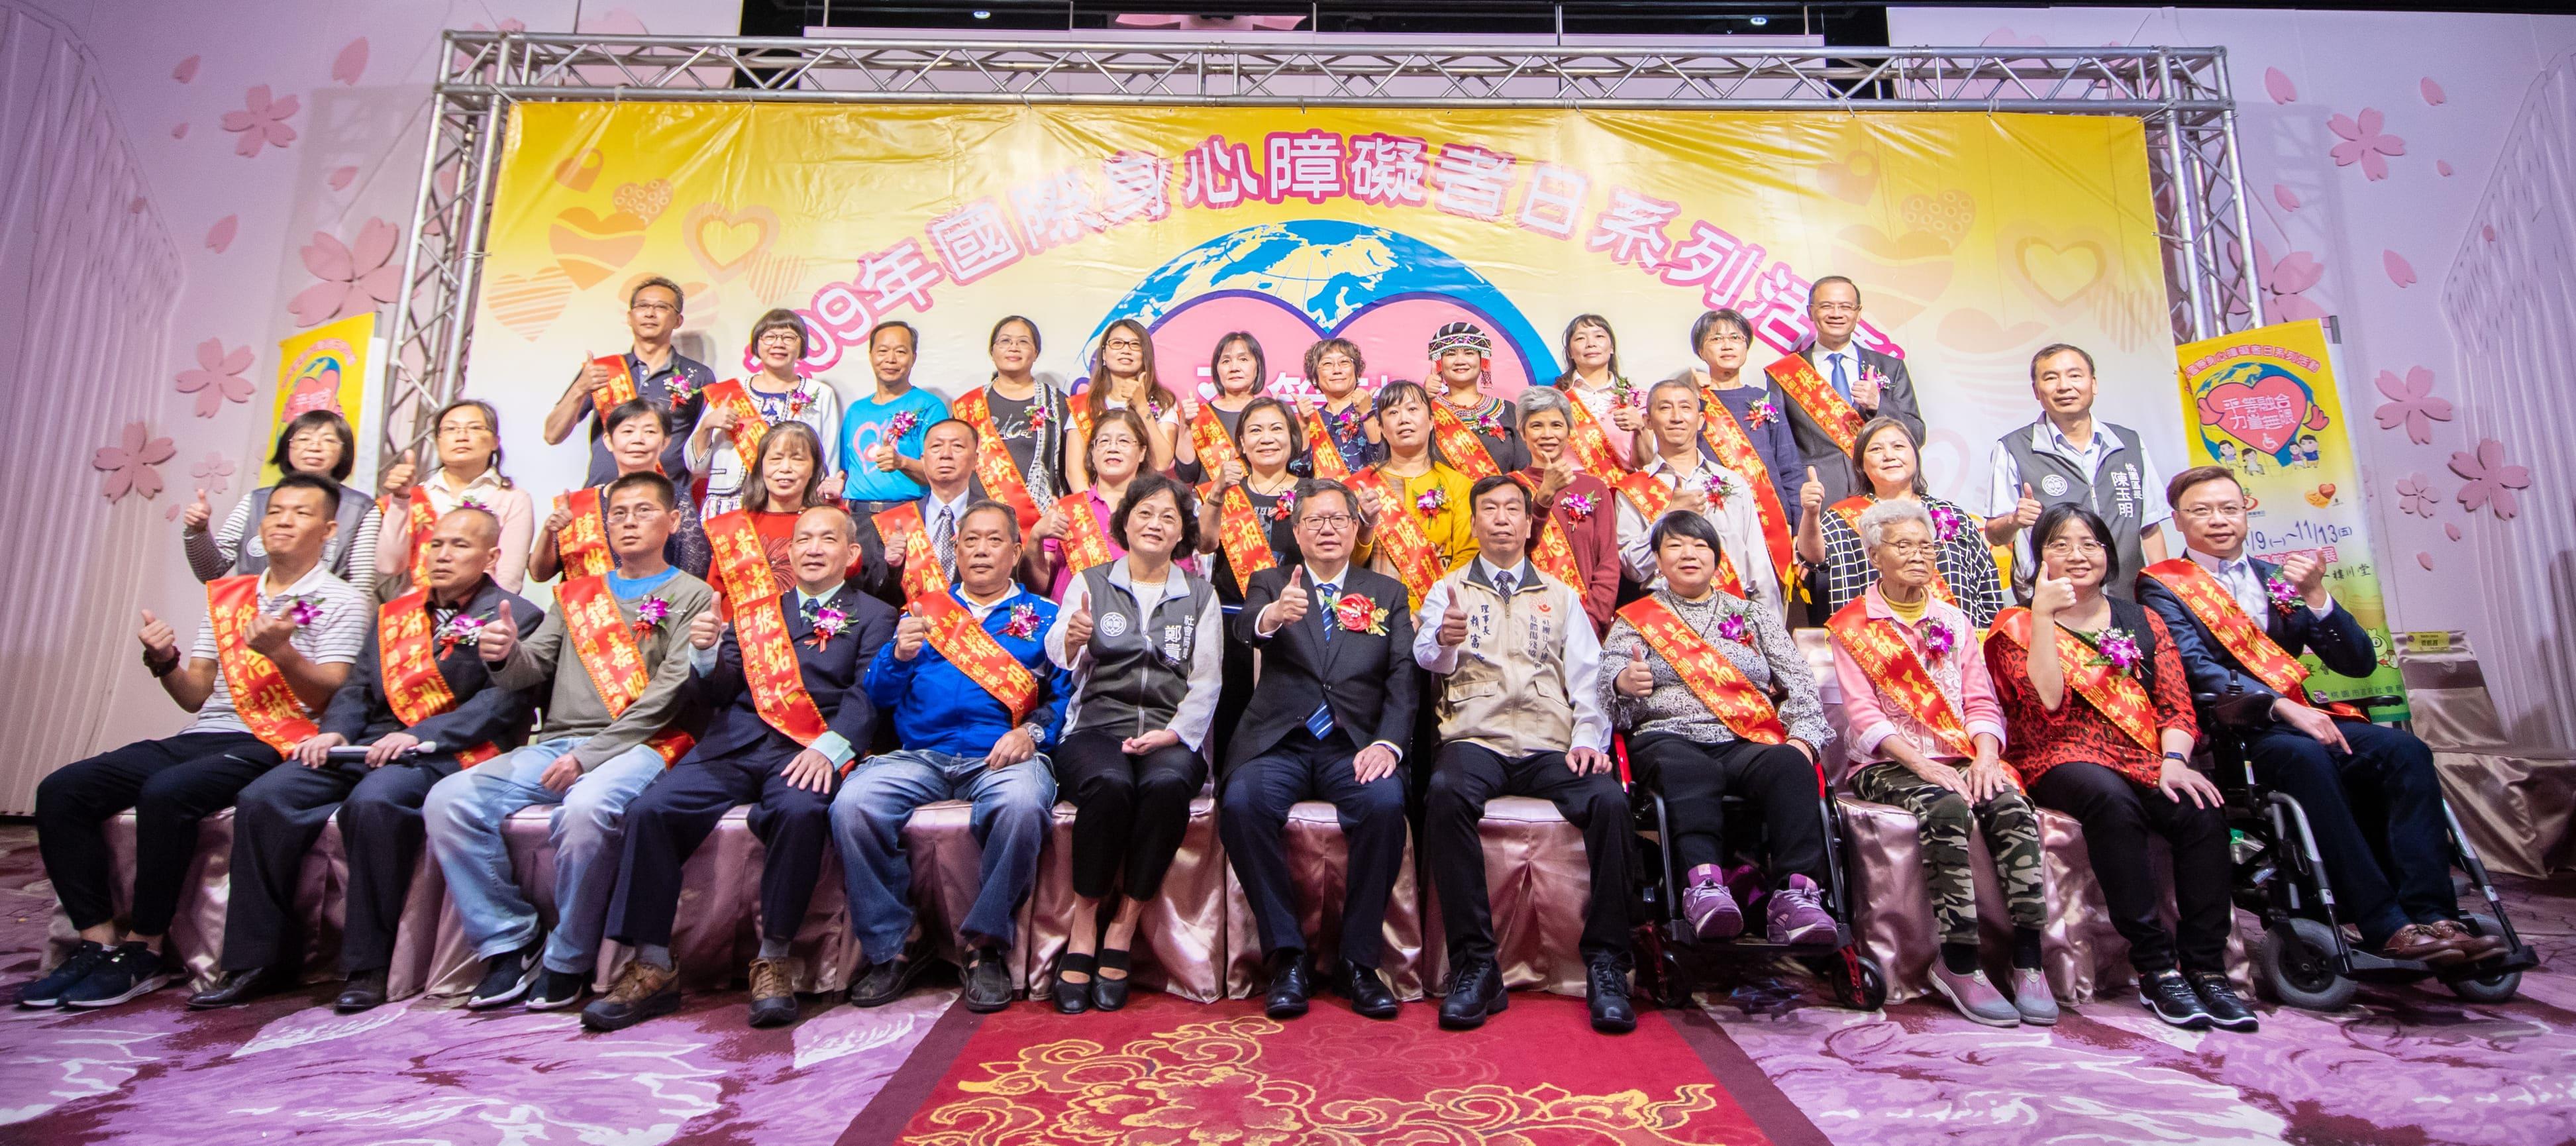 桃市府響應「國際身心障礙者日」表揚模範身障者,期許每個人發揮生命價值